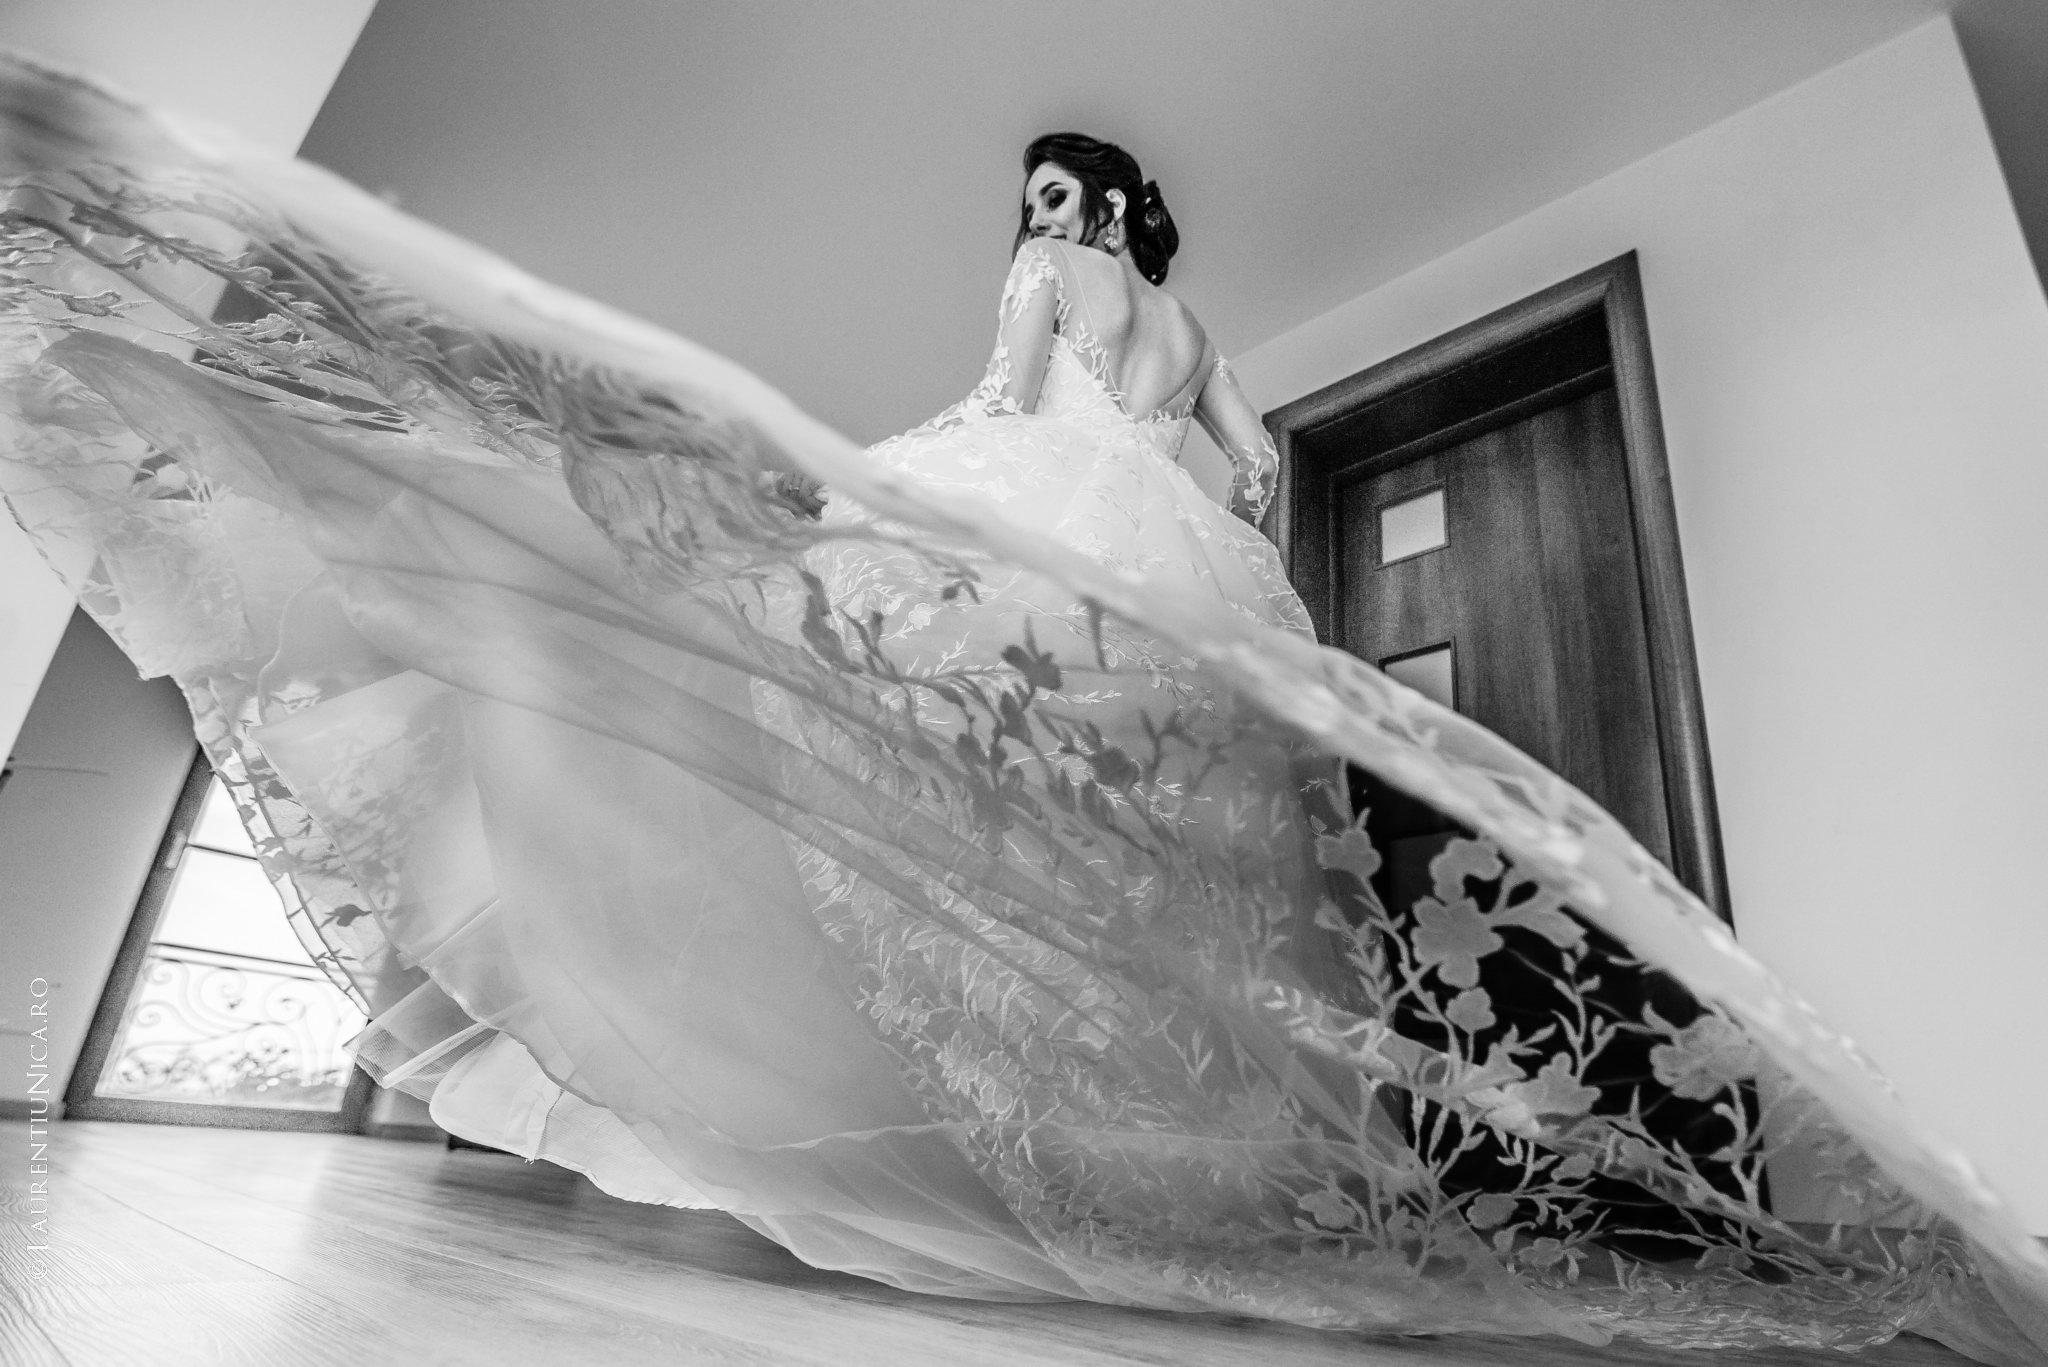 fotografii nunta denisa si florin craiova 08 - Denisa & Florin | Fotografii nunta | Craiova